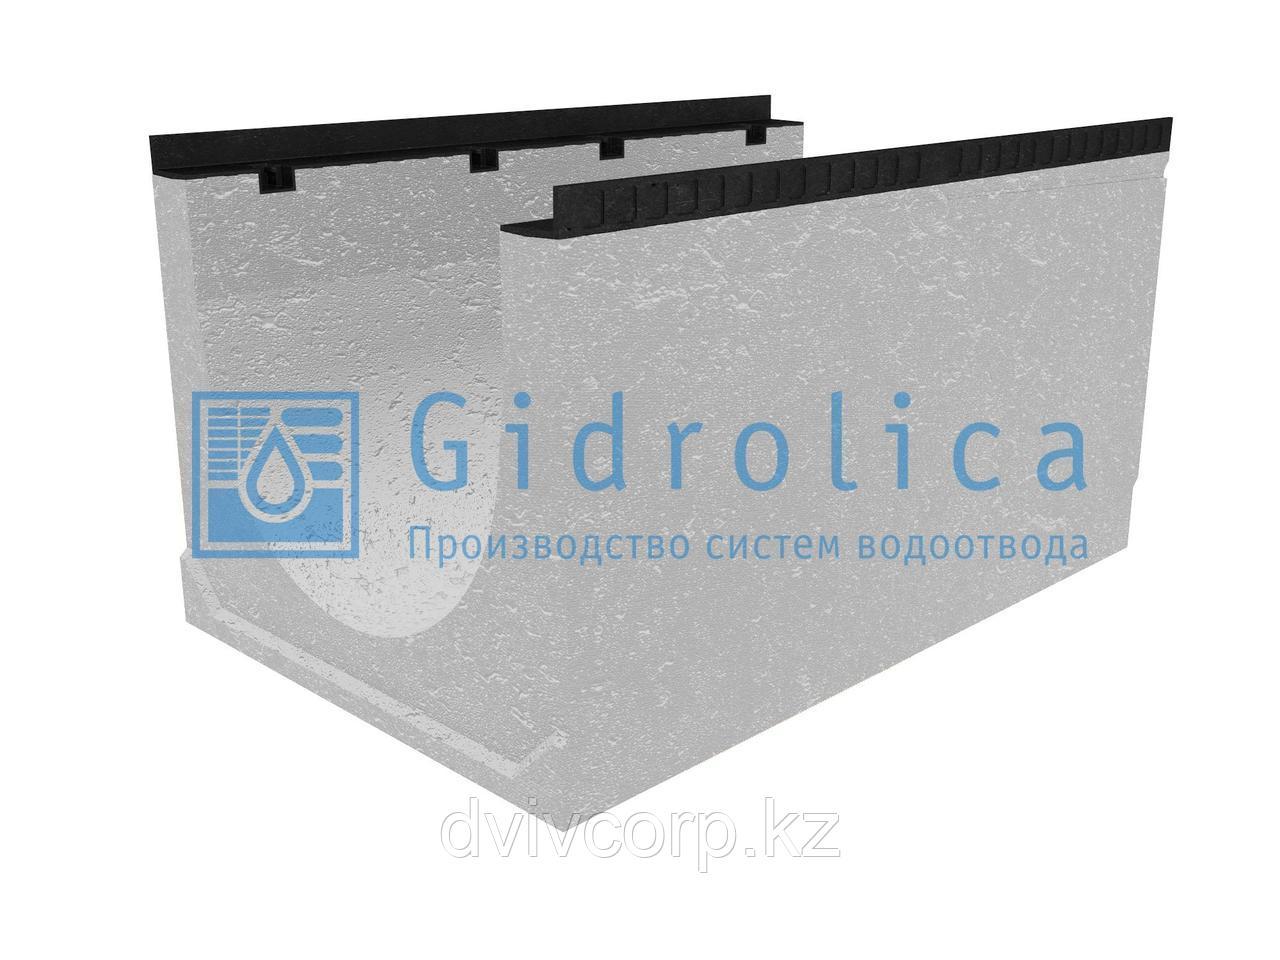 Лоток водоотводный бетонный коробчатый (СО-500мм), с уклоном 0,5%  КUу 100.65(50).56(47) - BGМ, № 22